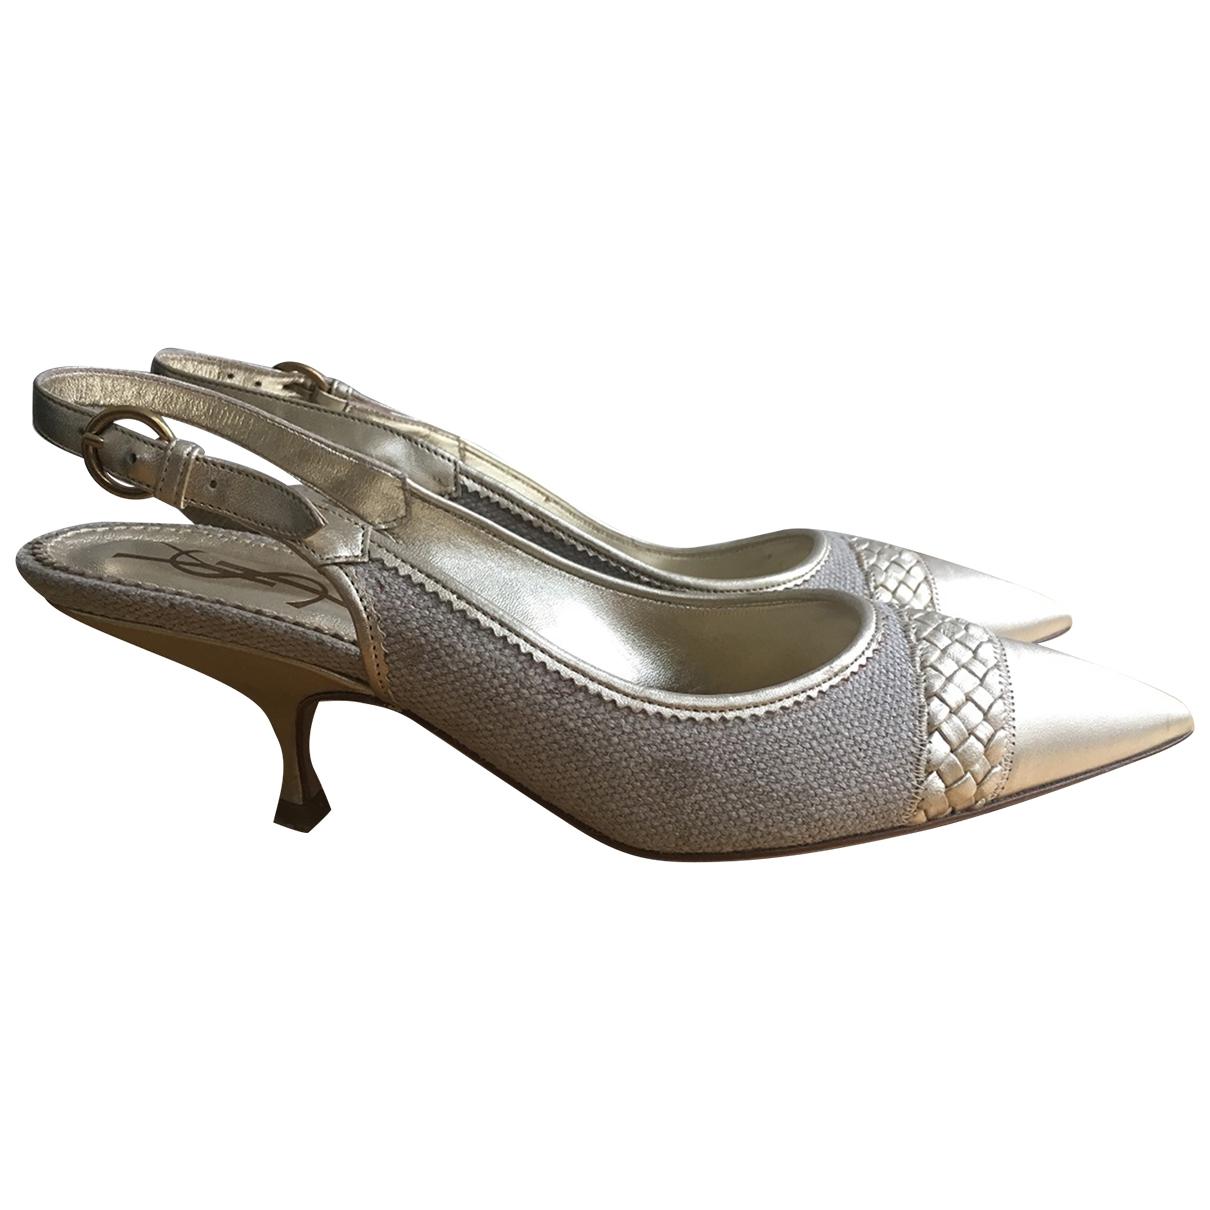 Yves Saint Laurent - Escarpins   pour femme en cuir - dore